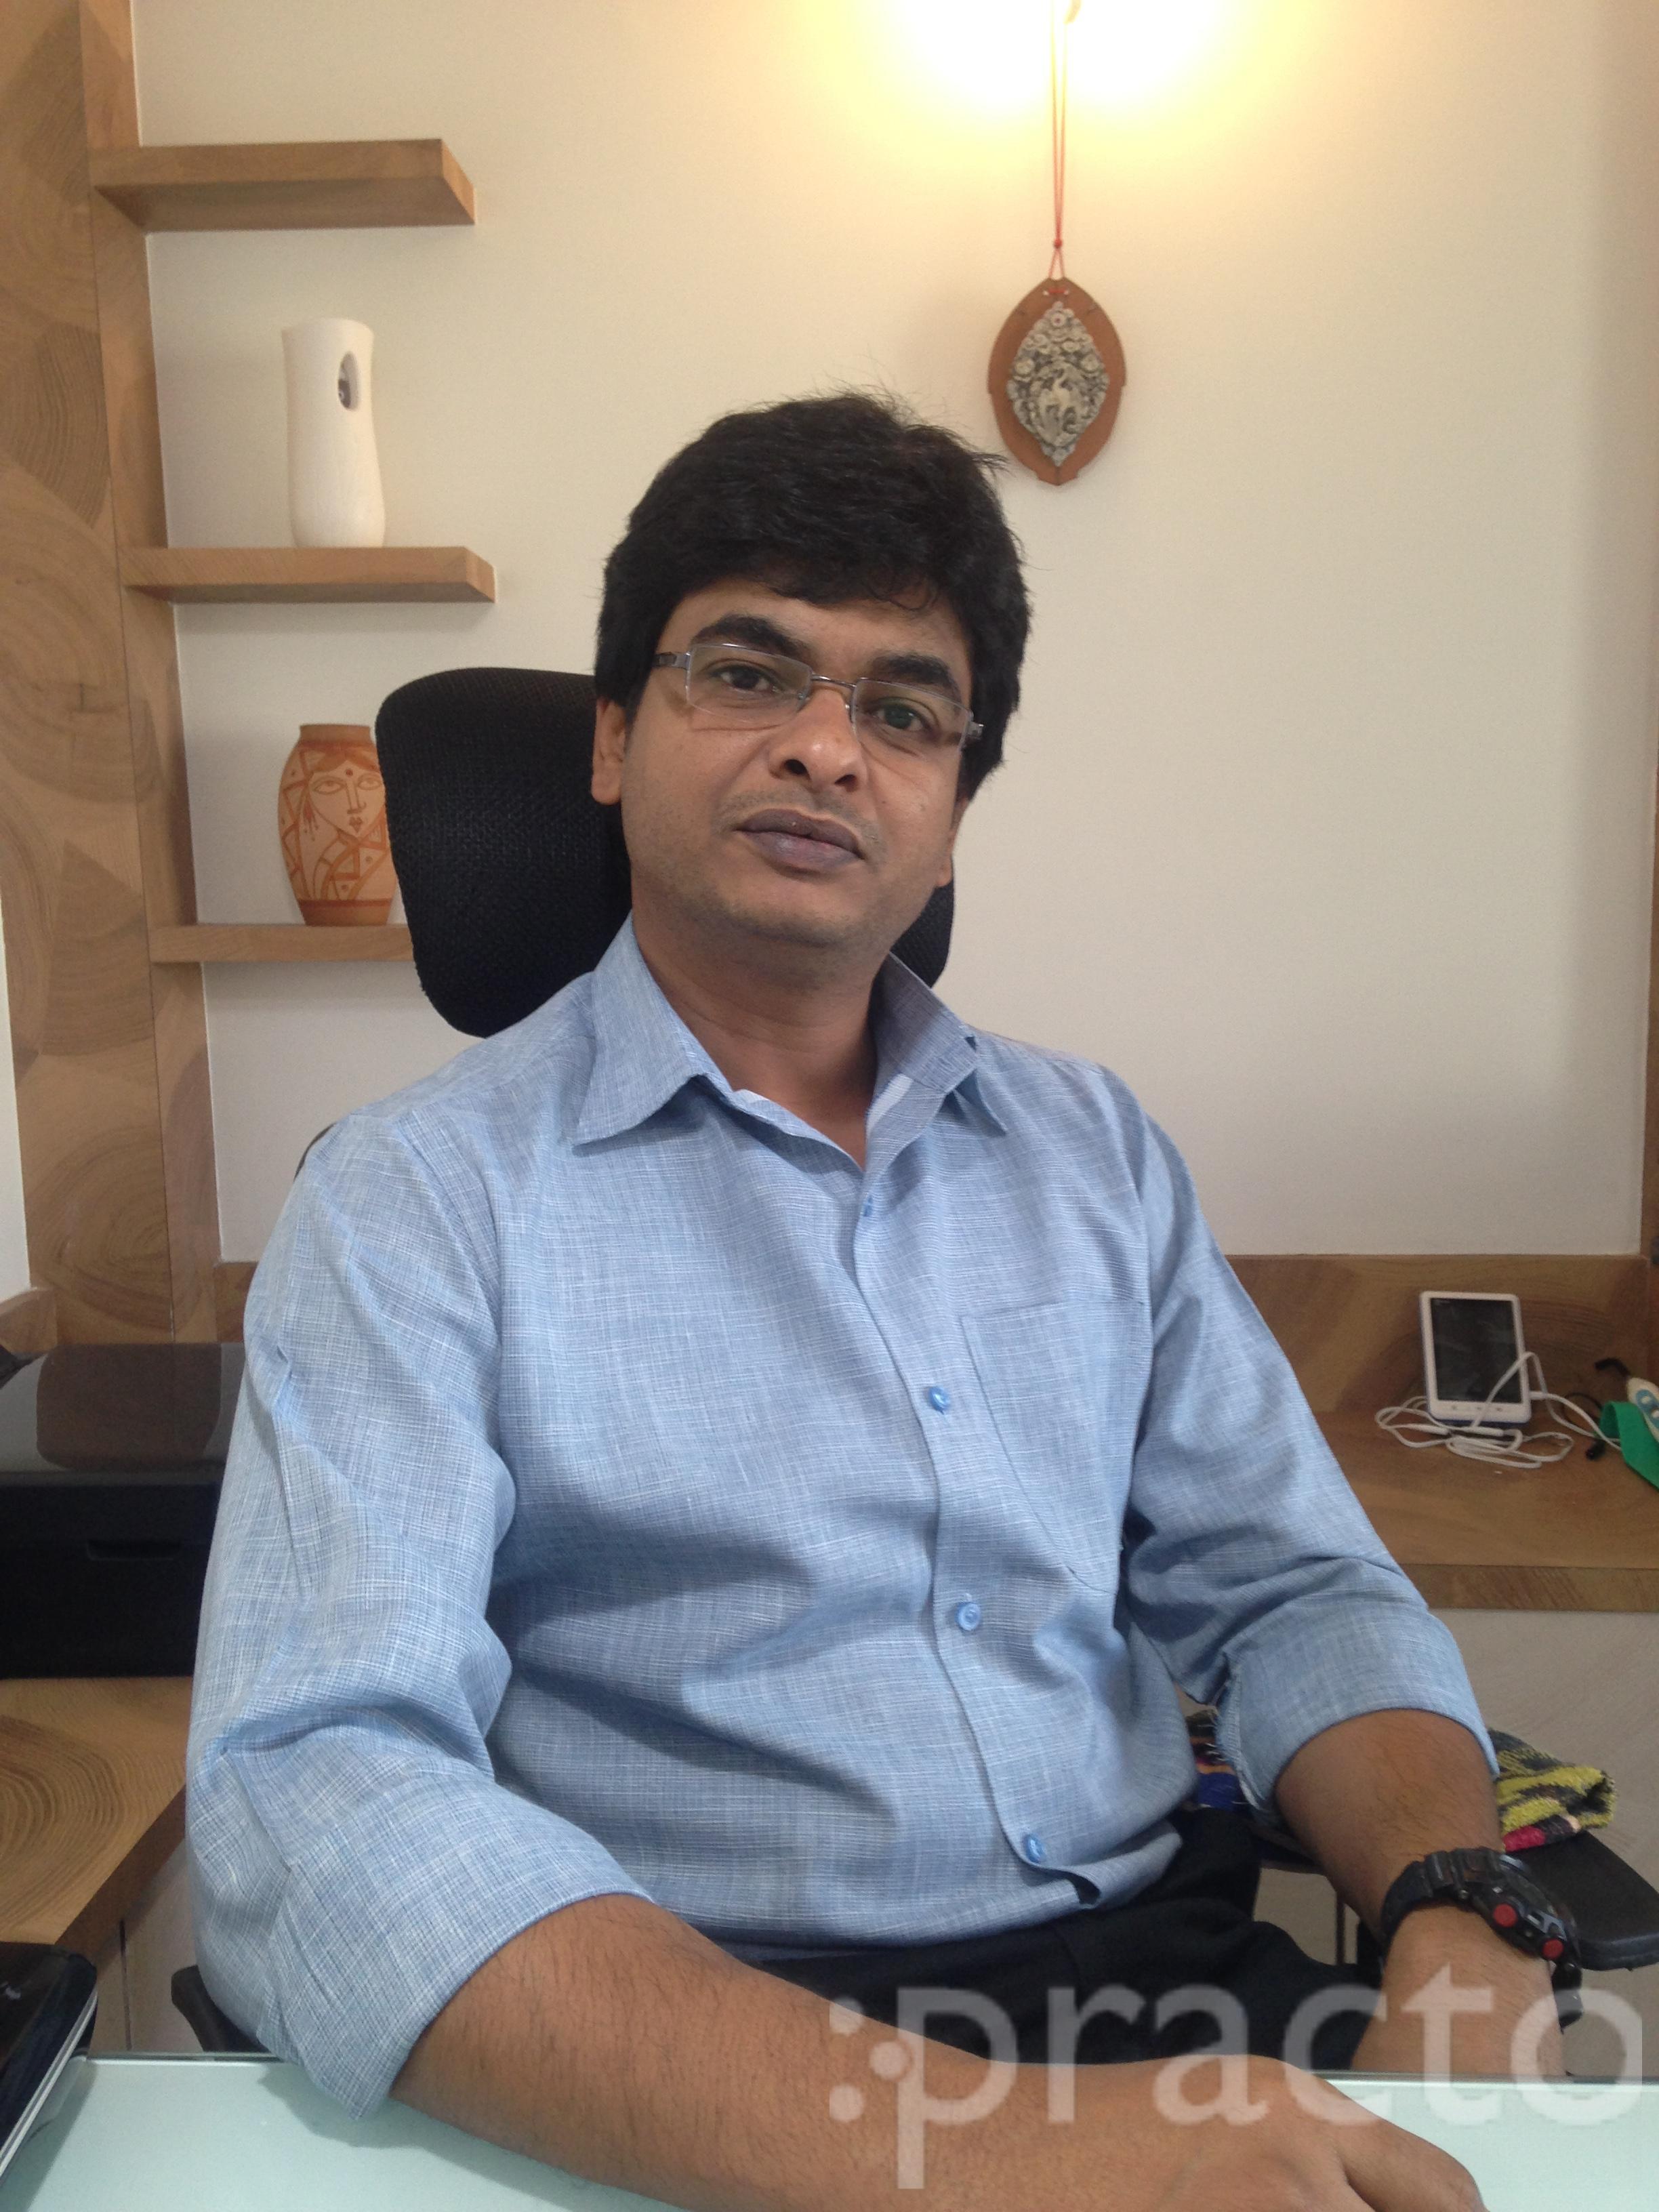 Dr. Shyam Pimpale - Dentist